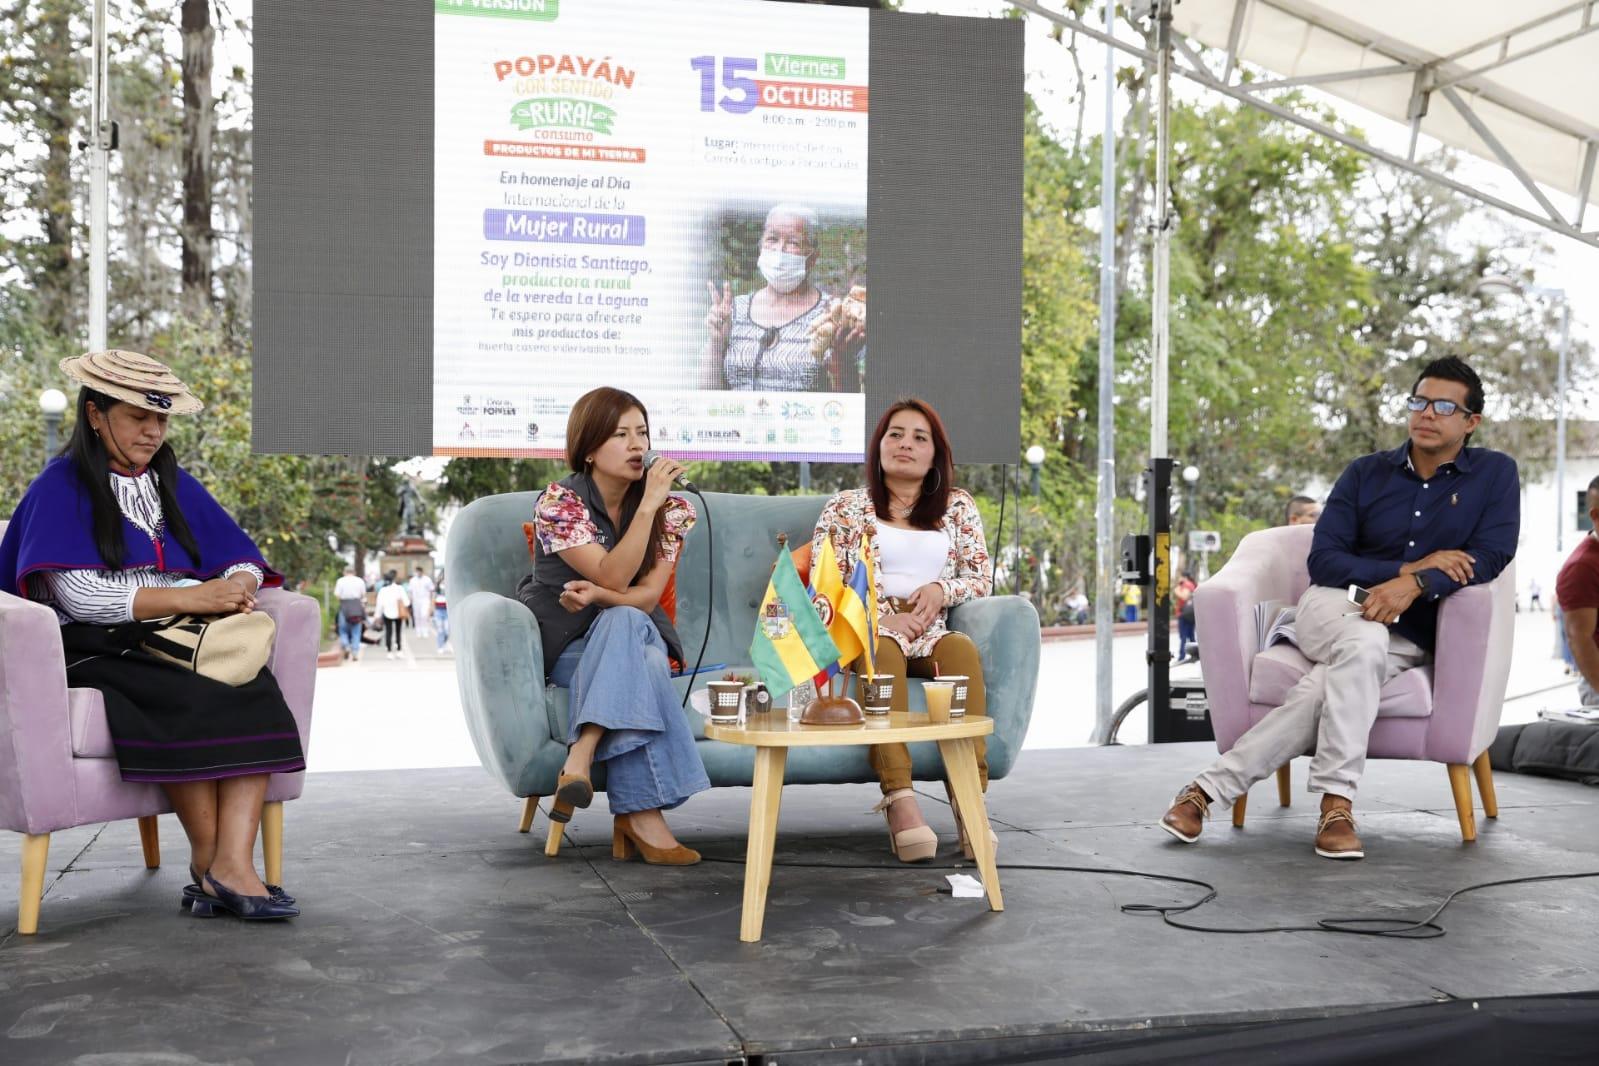 Alcaldía de Popayán exaltó a la mujer rural en su día internacional